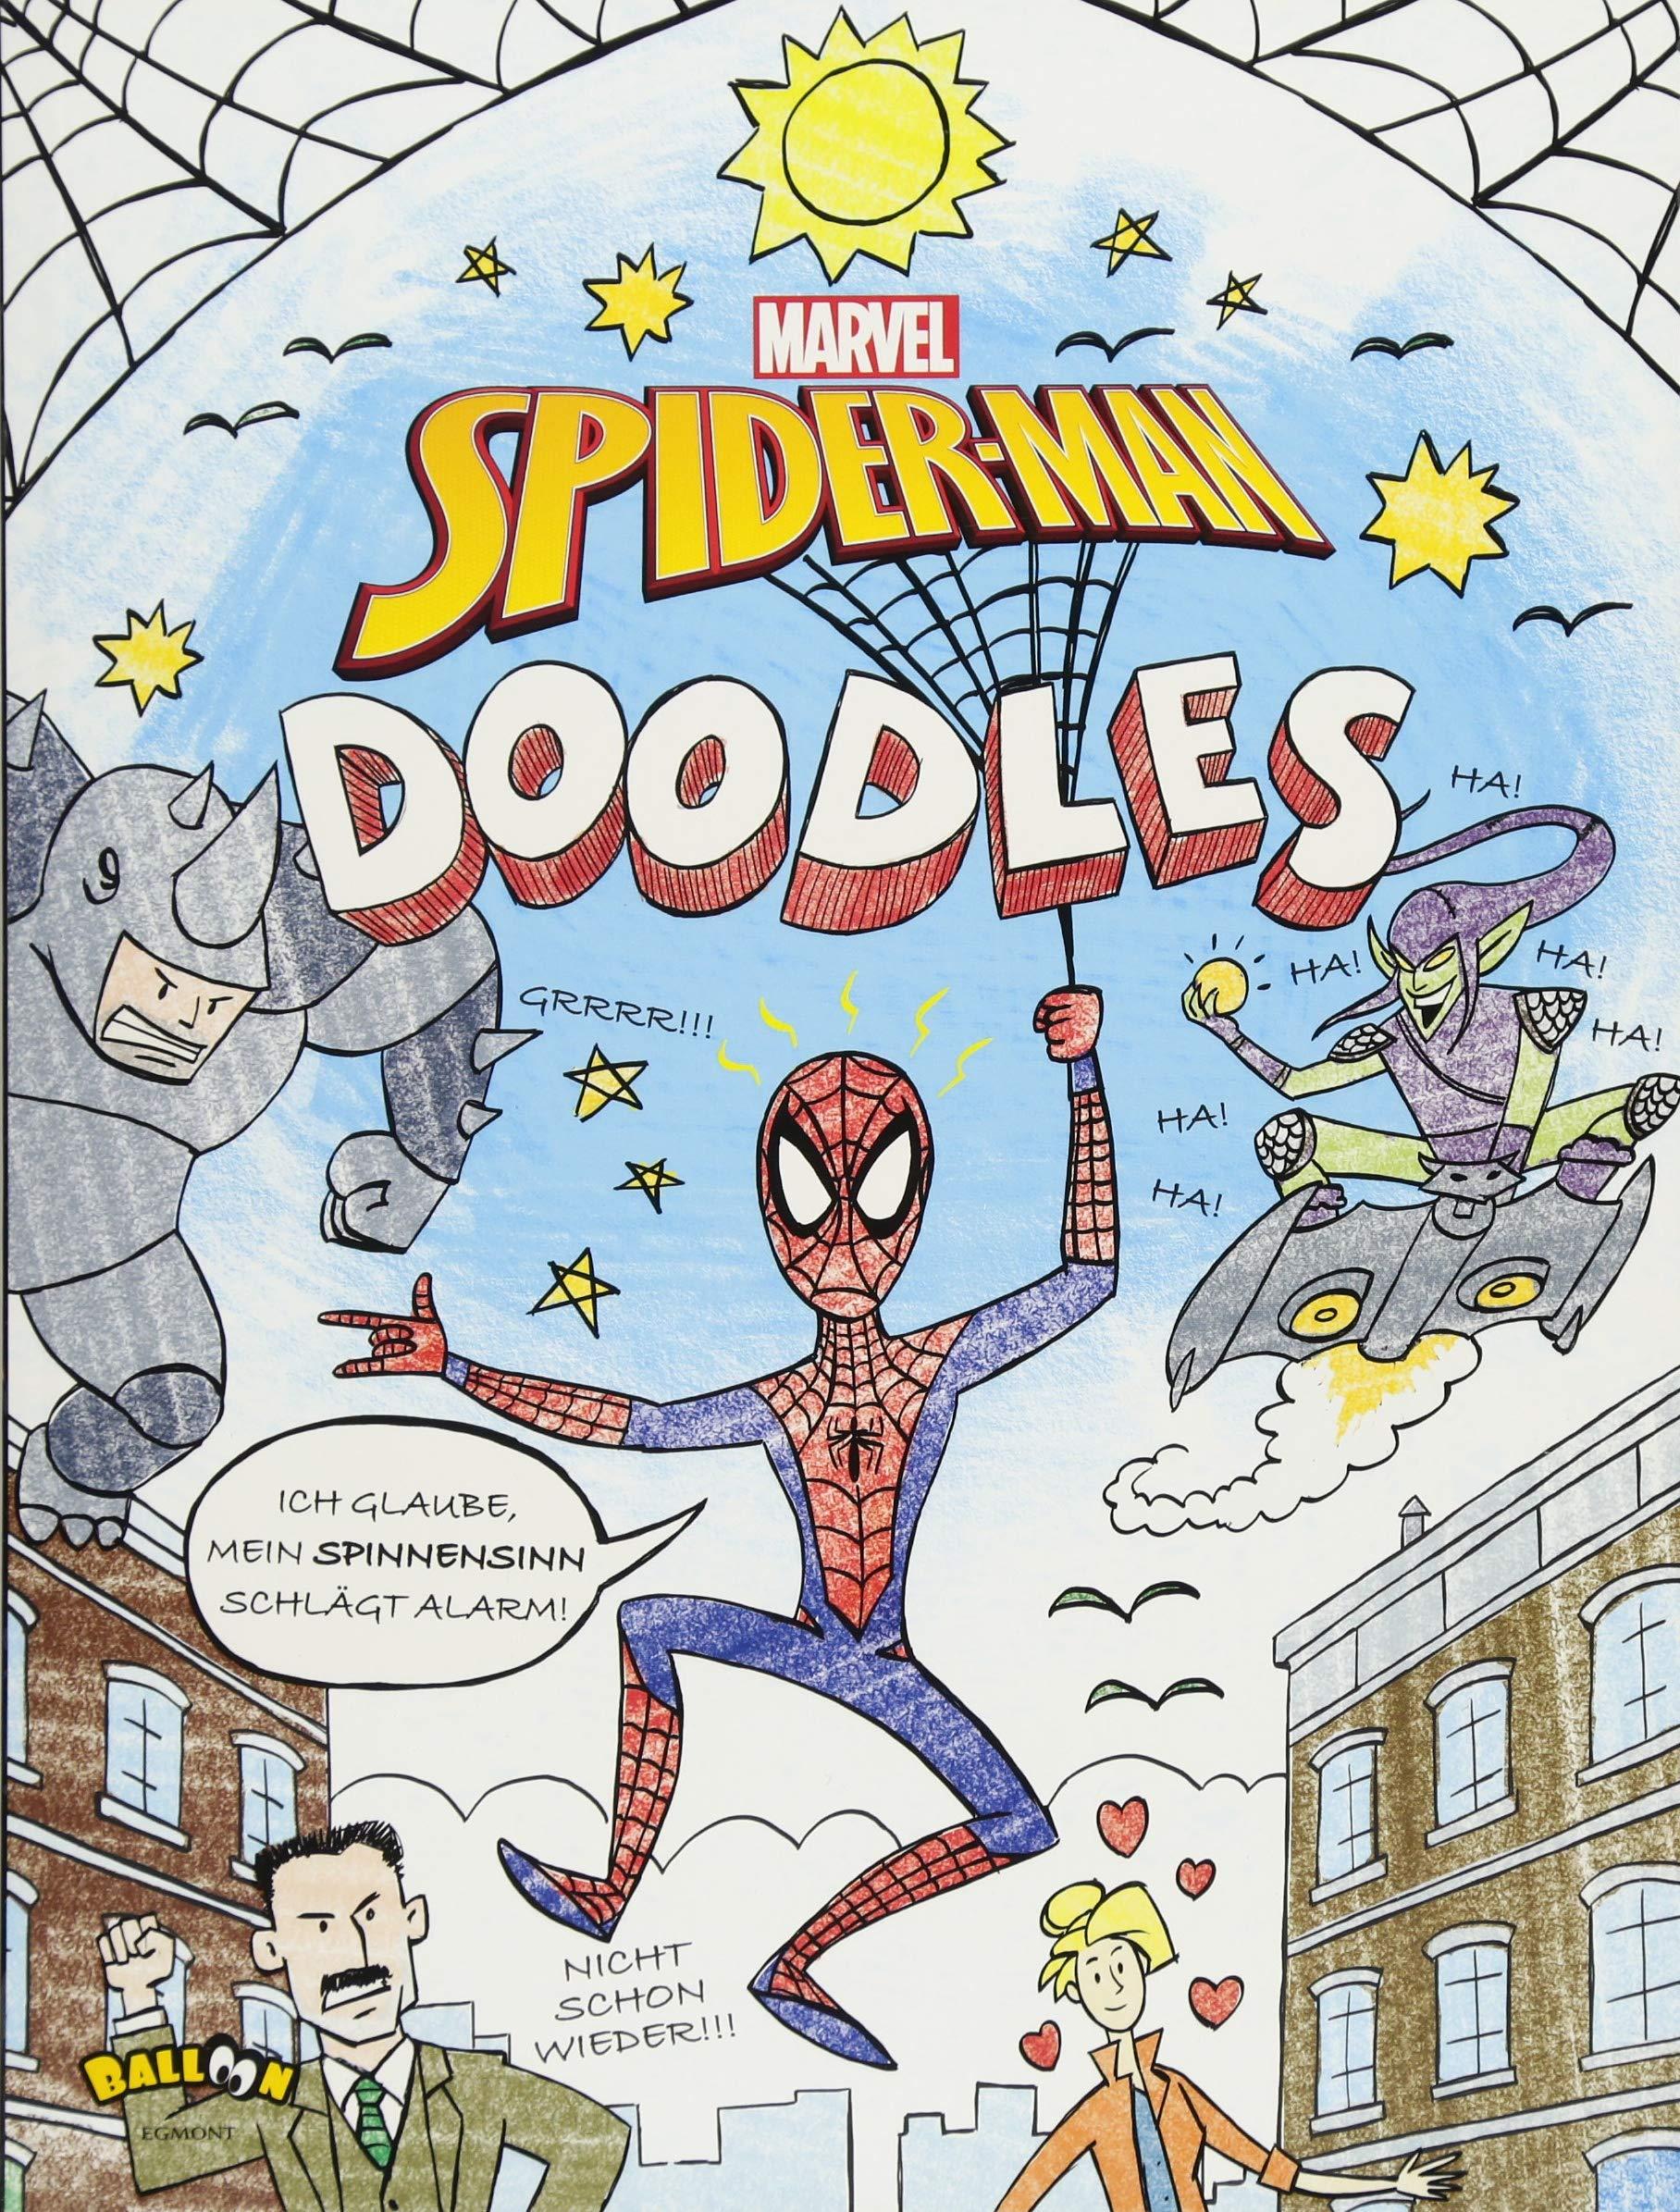 Marvel Doodles - Spider-Man Taschenbuch – 1. März 2018 Egmont Balloon 3864583594 empfohlenes Alter: ab 6 Jahre Comic / Superhelden